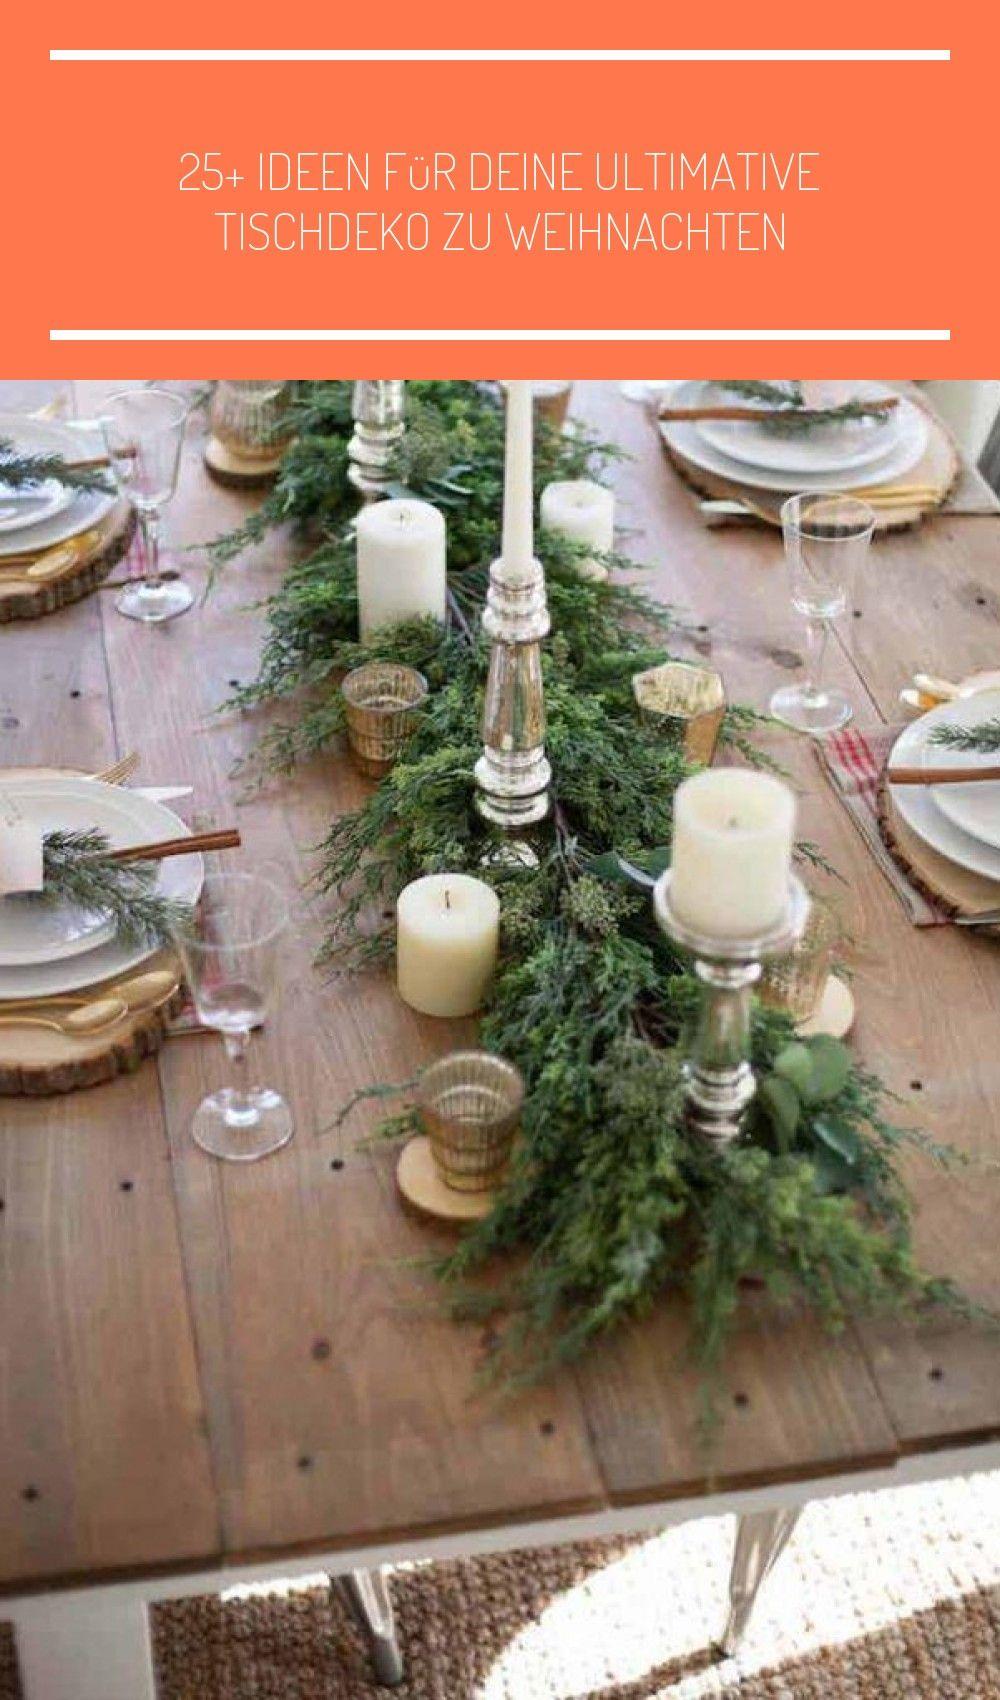 25 Ideen Fur Deine Tischdeko Zu Weihnachten Heute Habe Ich Einige